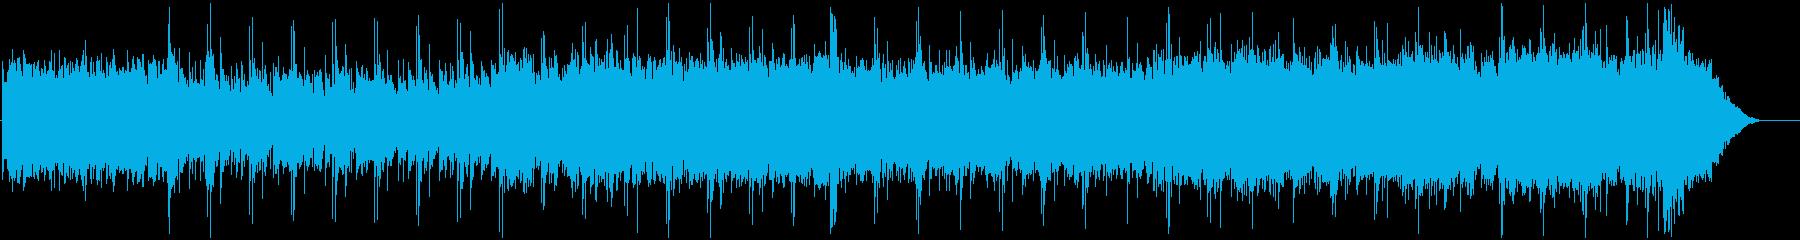 幻想的なミュージックボックスの再生済みの波形